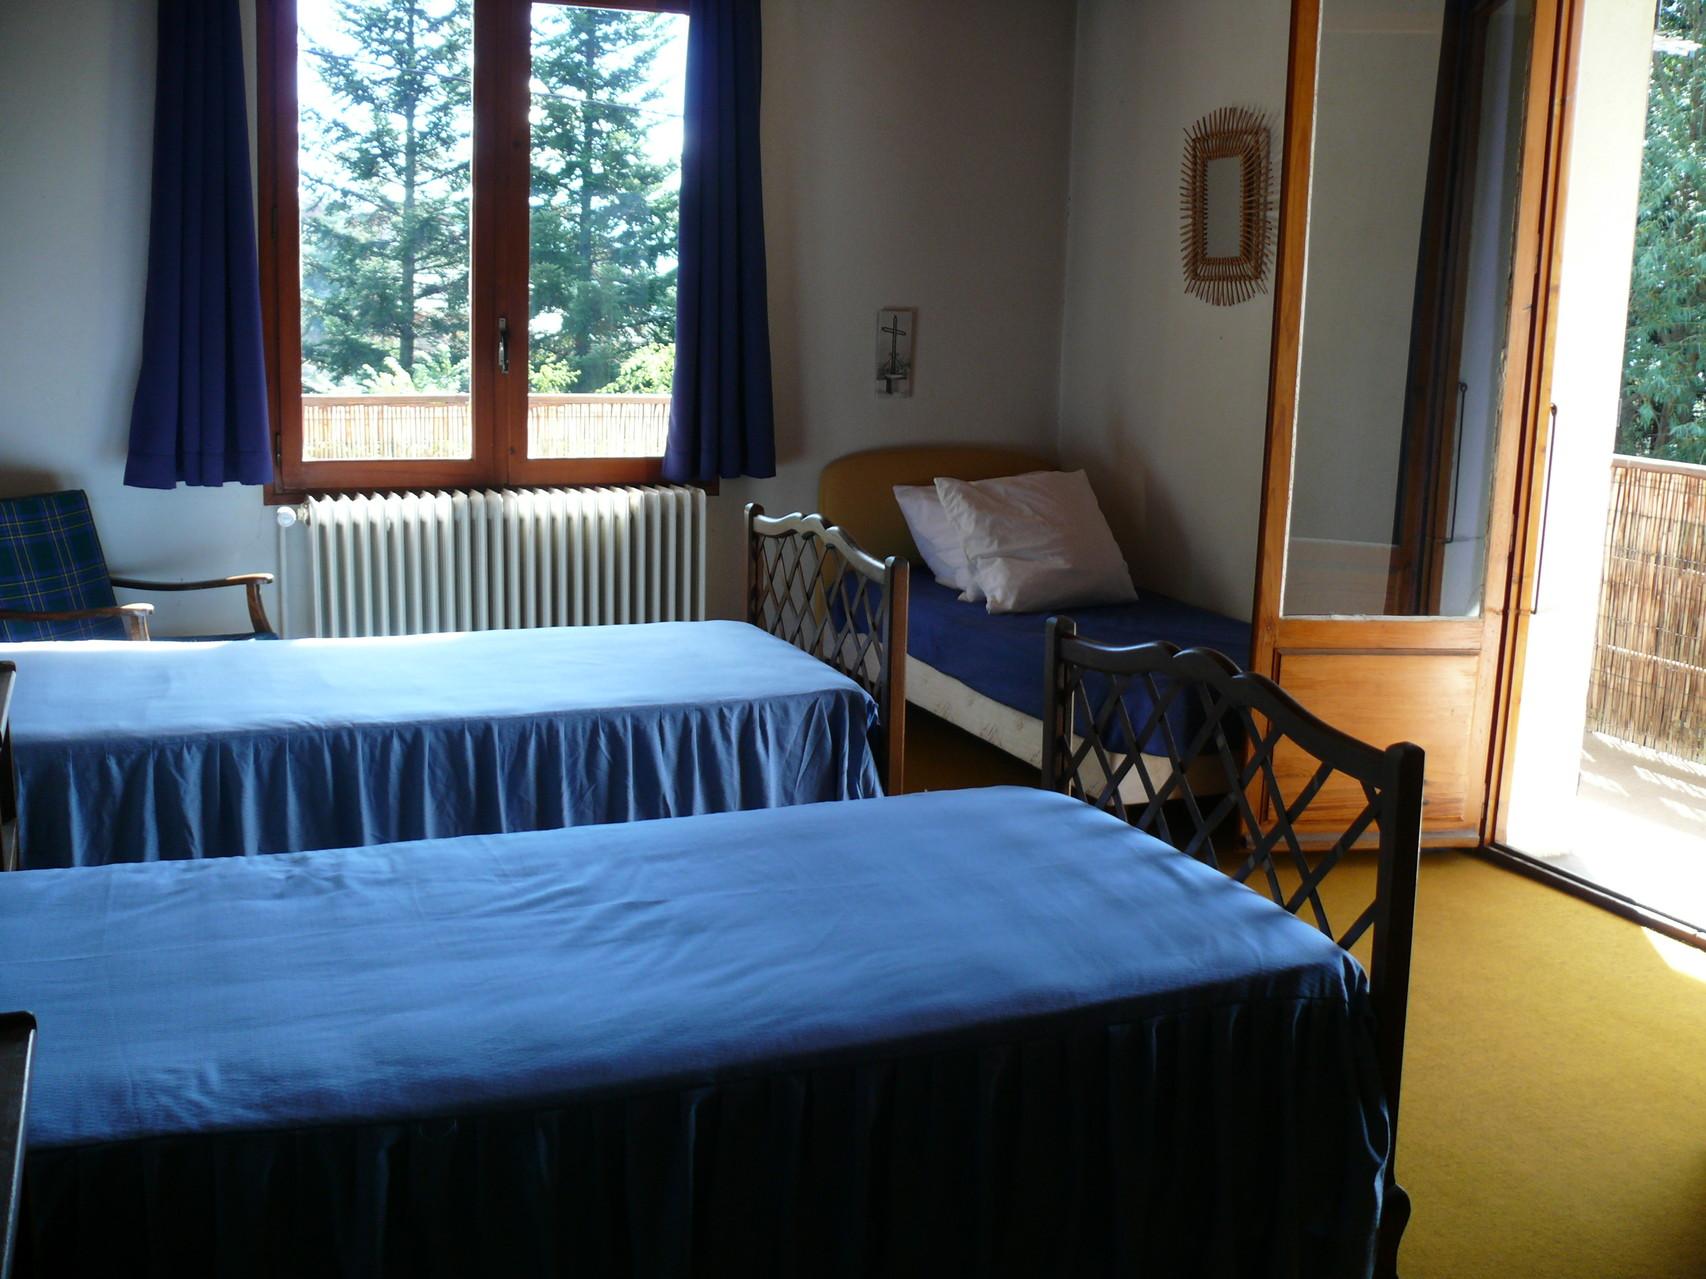 Chambre bleue 3 lits simples [Chalet Aspones - Font-Romeu]